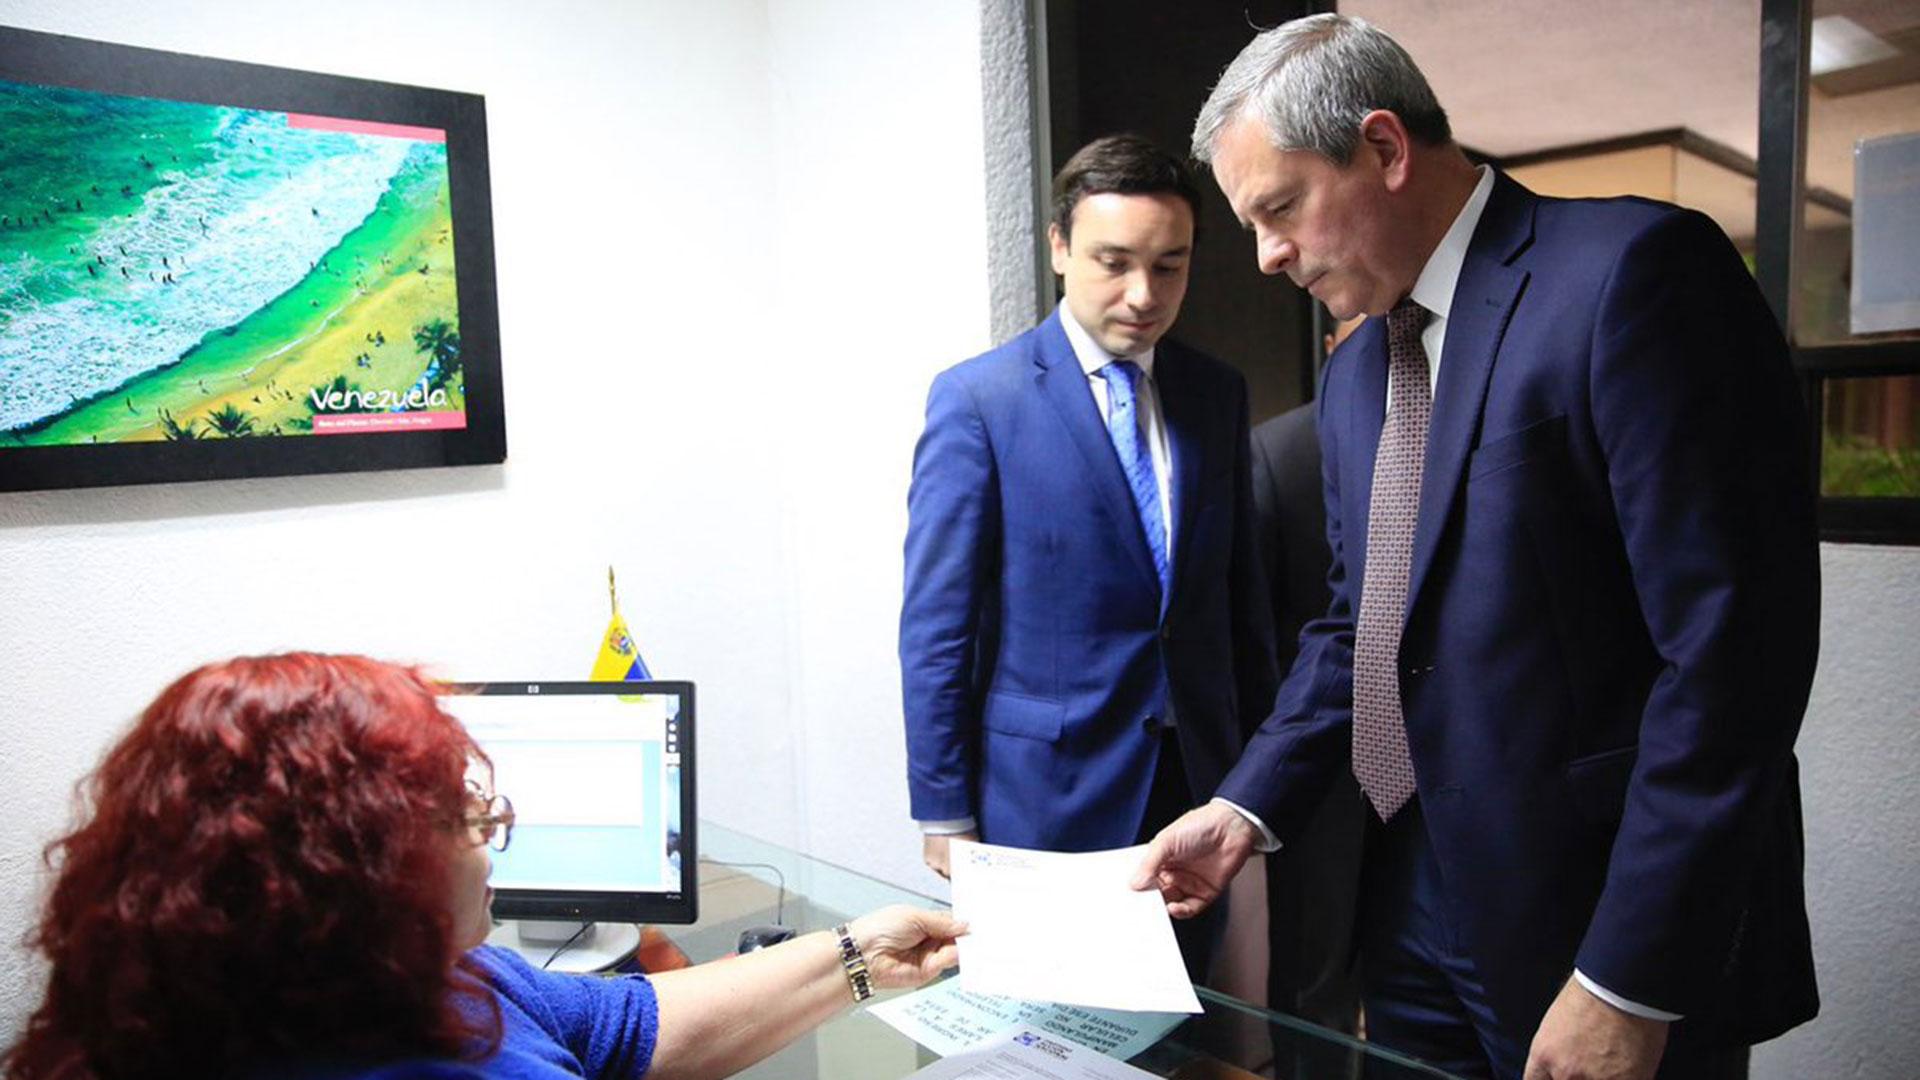 """El PAN entregó en la Embajada de Venezuela una carta en la que expresó que Maduro """"no es bienvenido en México"""" (Foto: @marcelotorresc)"""